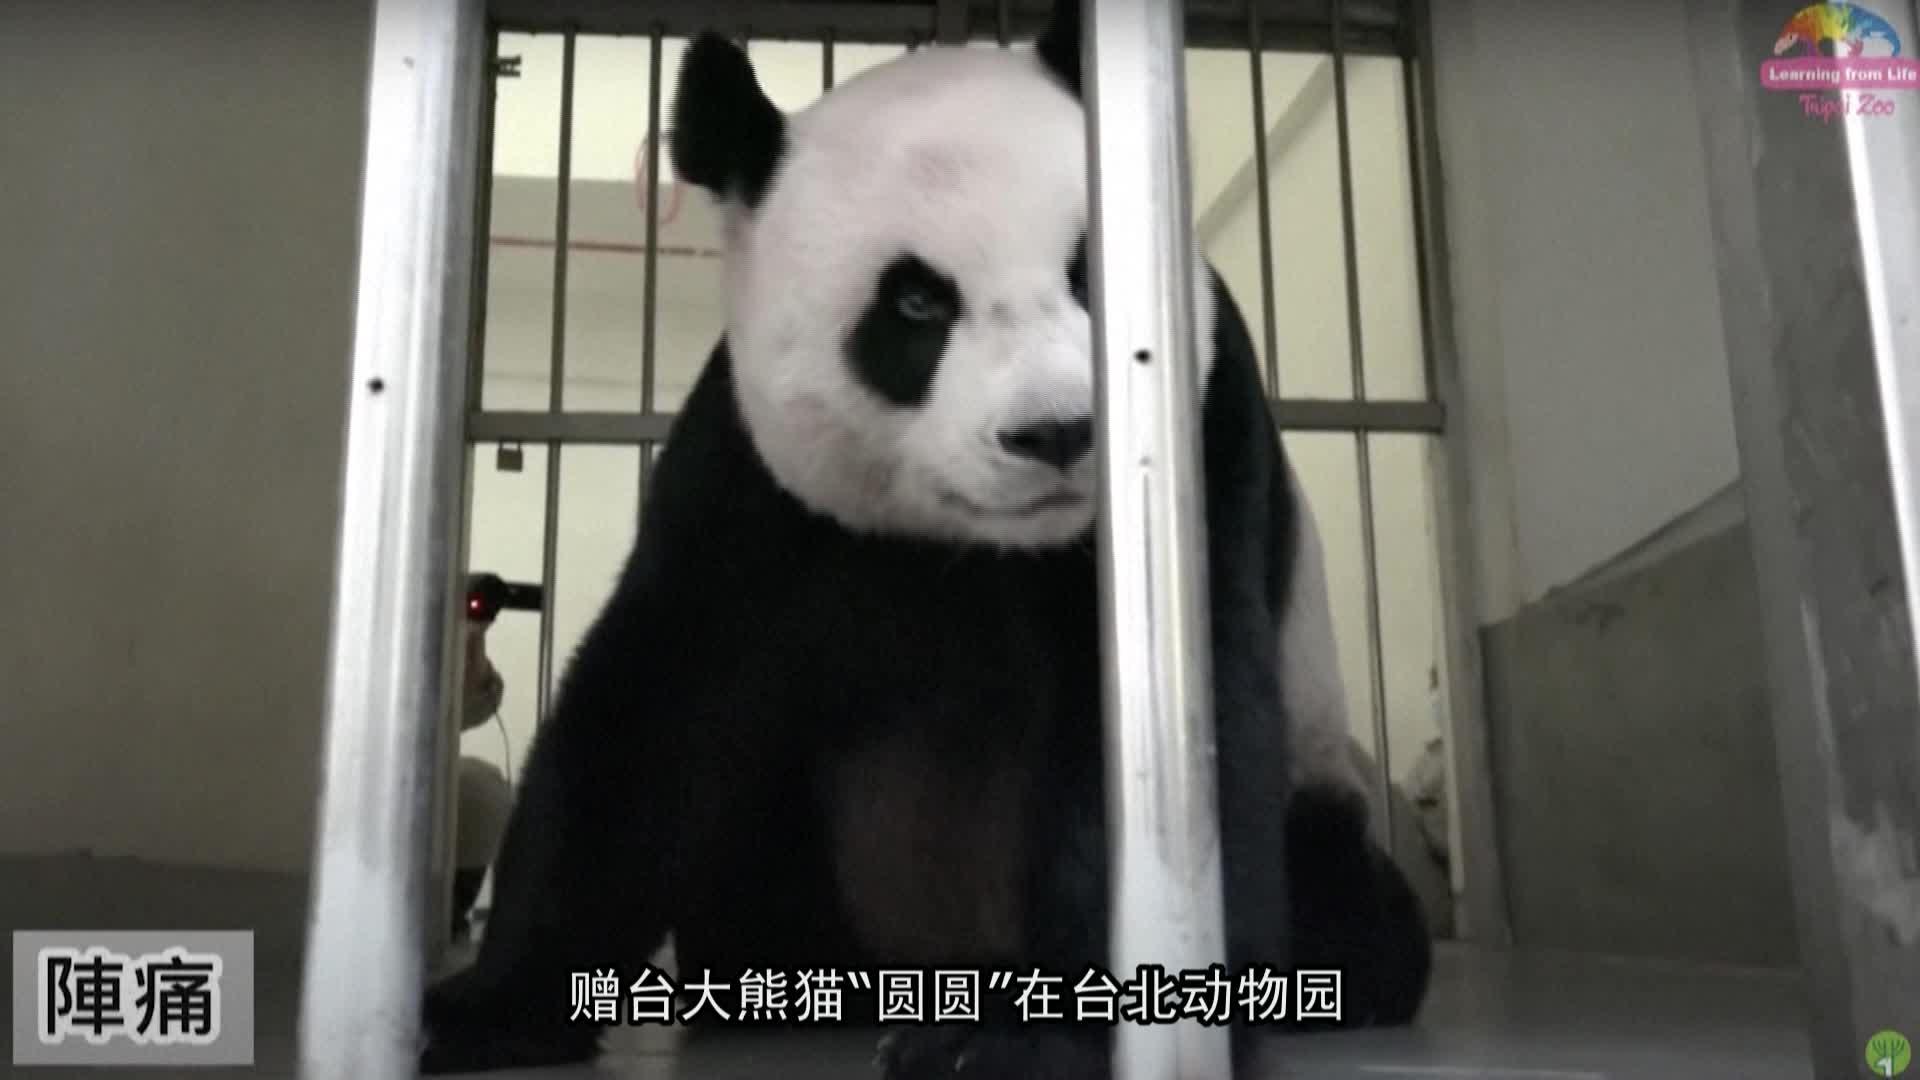 大熊猫圆圆顺利产下二胎